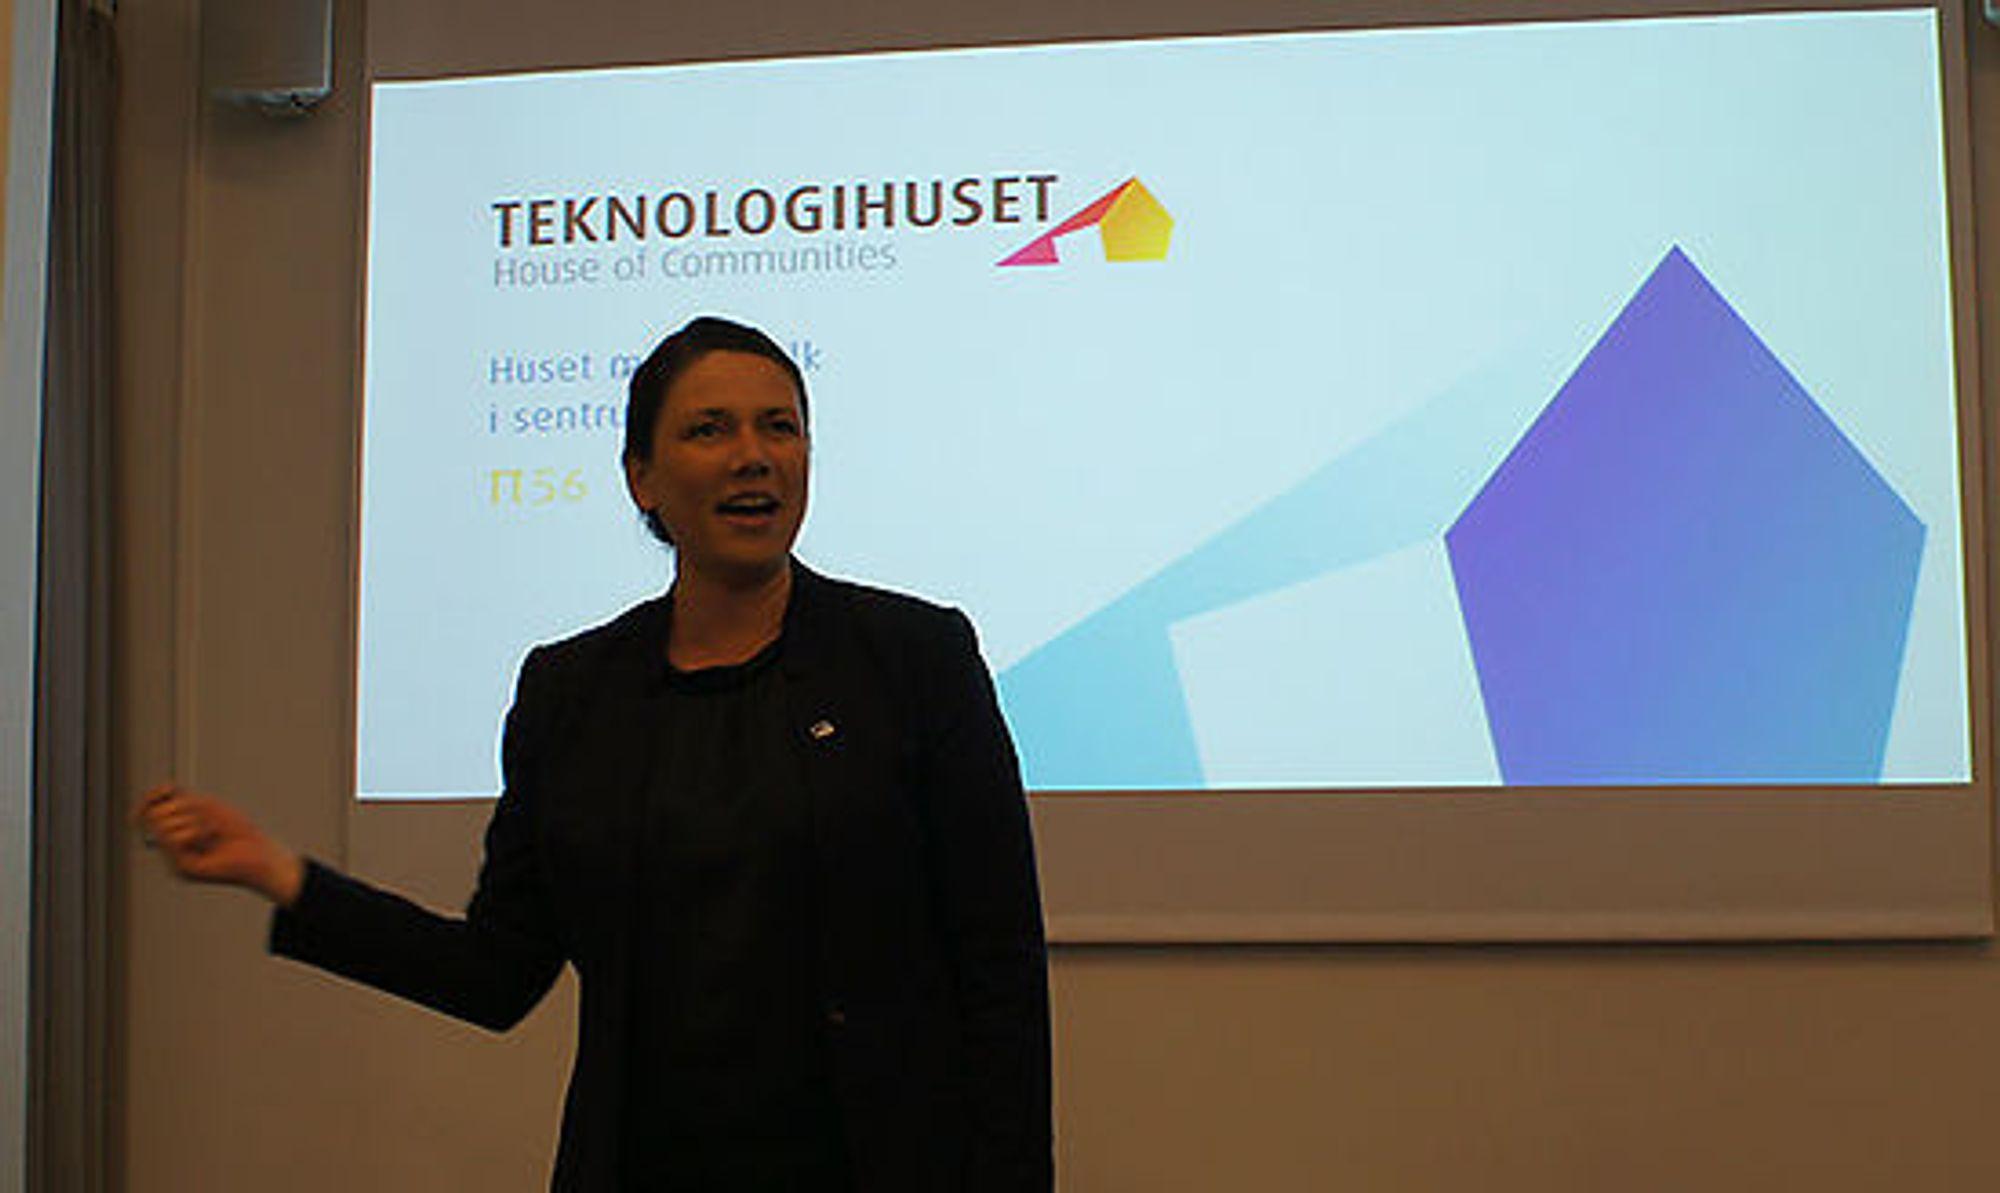 - Stortingsrepresentanter må forstå hva næringslivet er, sa Høyres Heidi Nordby Lunde